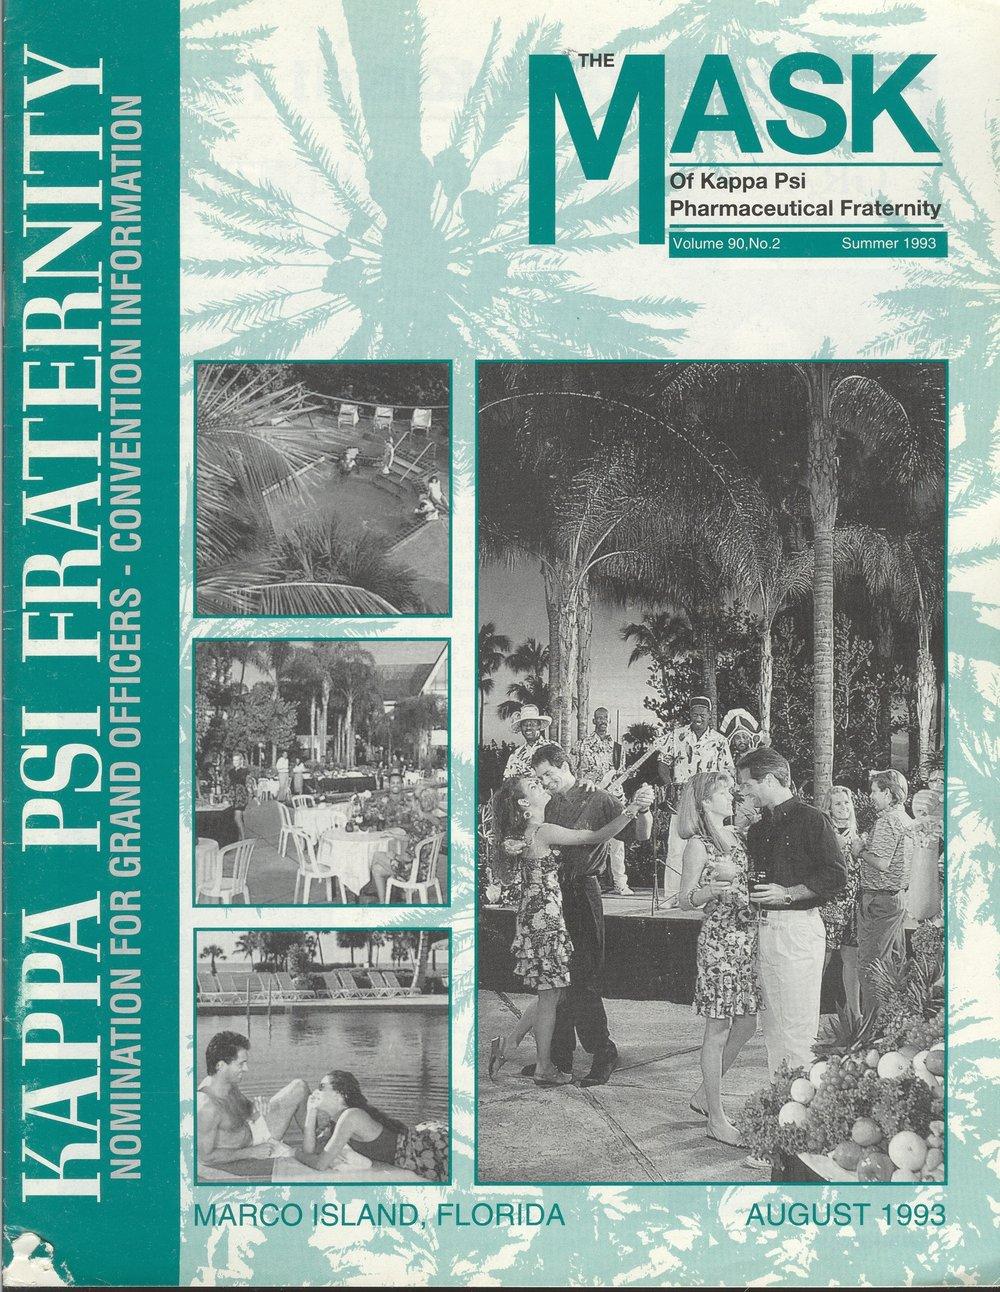 mask_cover_06_1993.jpg